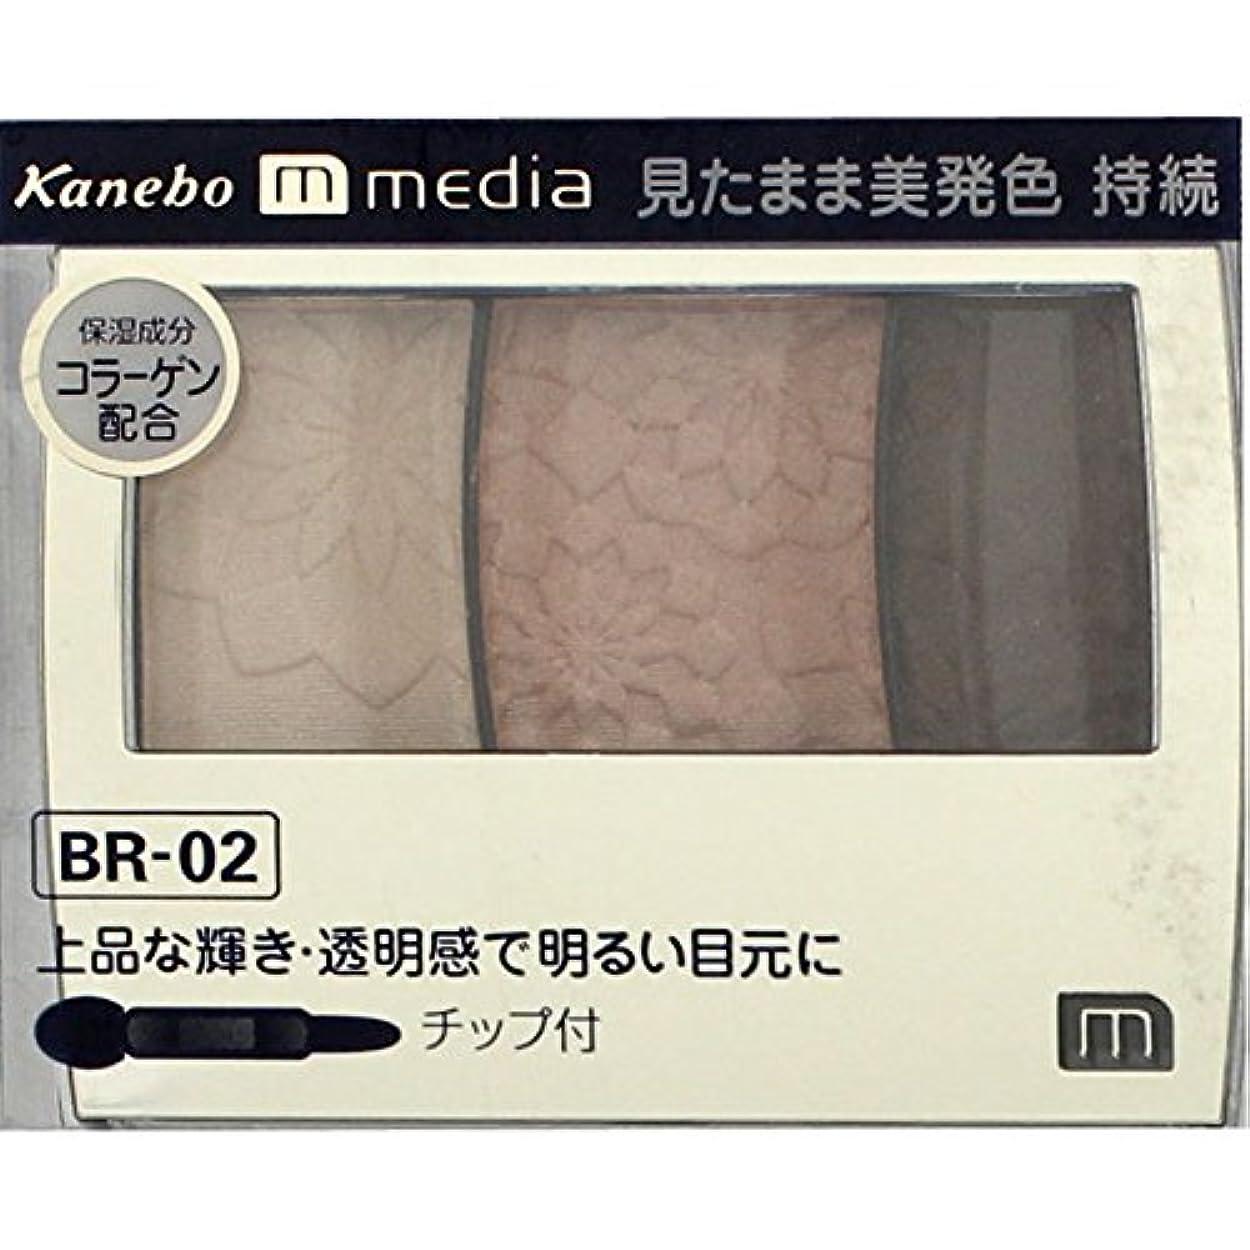 遮るスキャンダラス競争【カネボウ】 メディア グラデカラーアイシャドウ BR-02